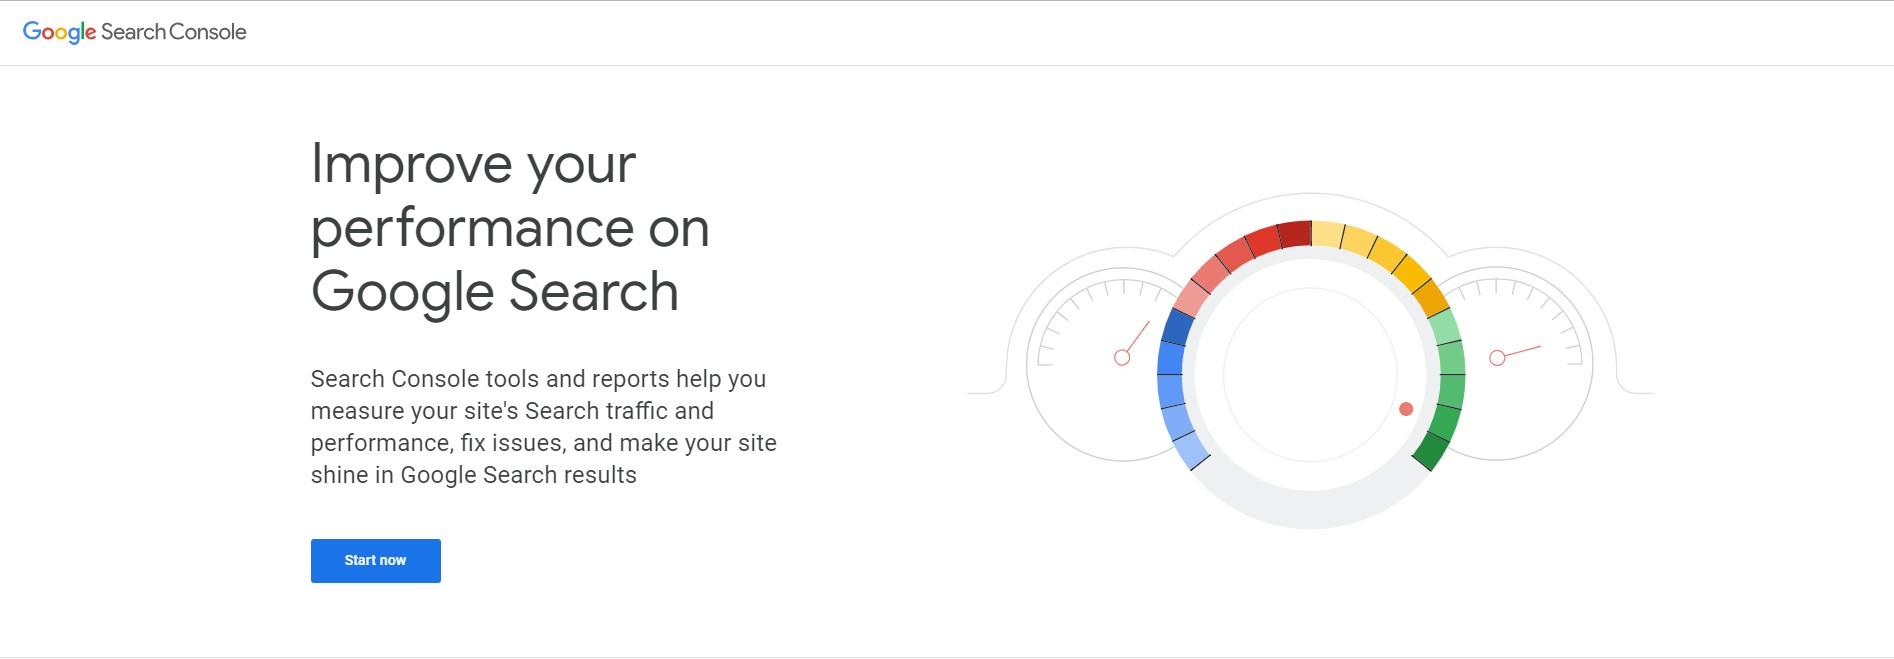 Google-Search-Console-6